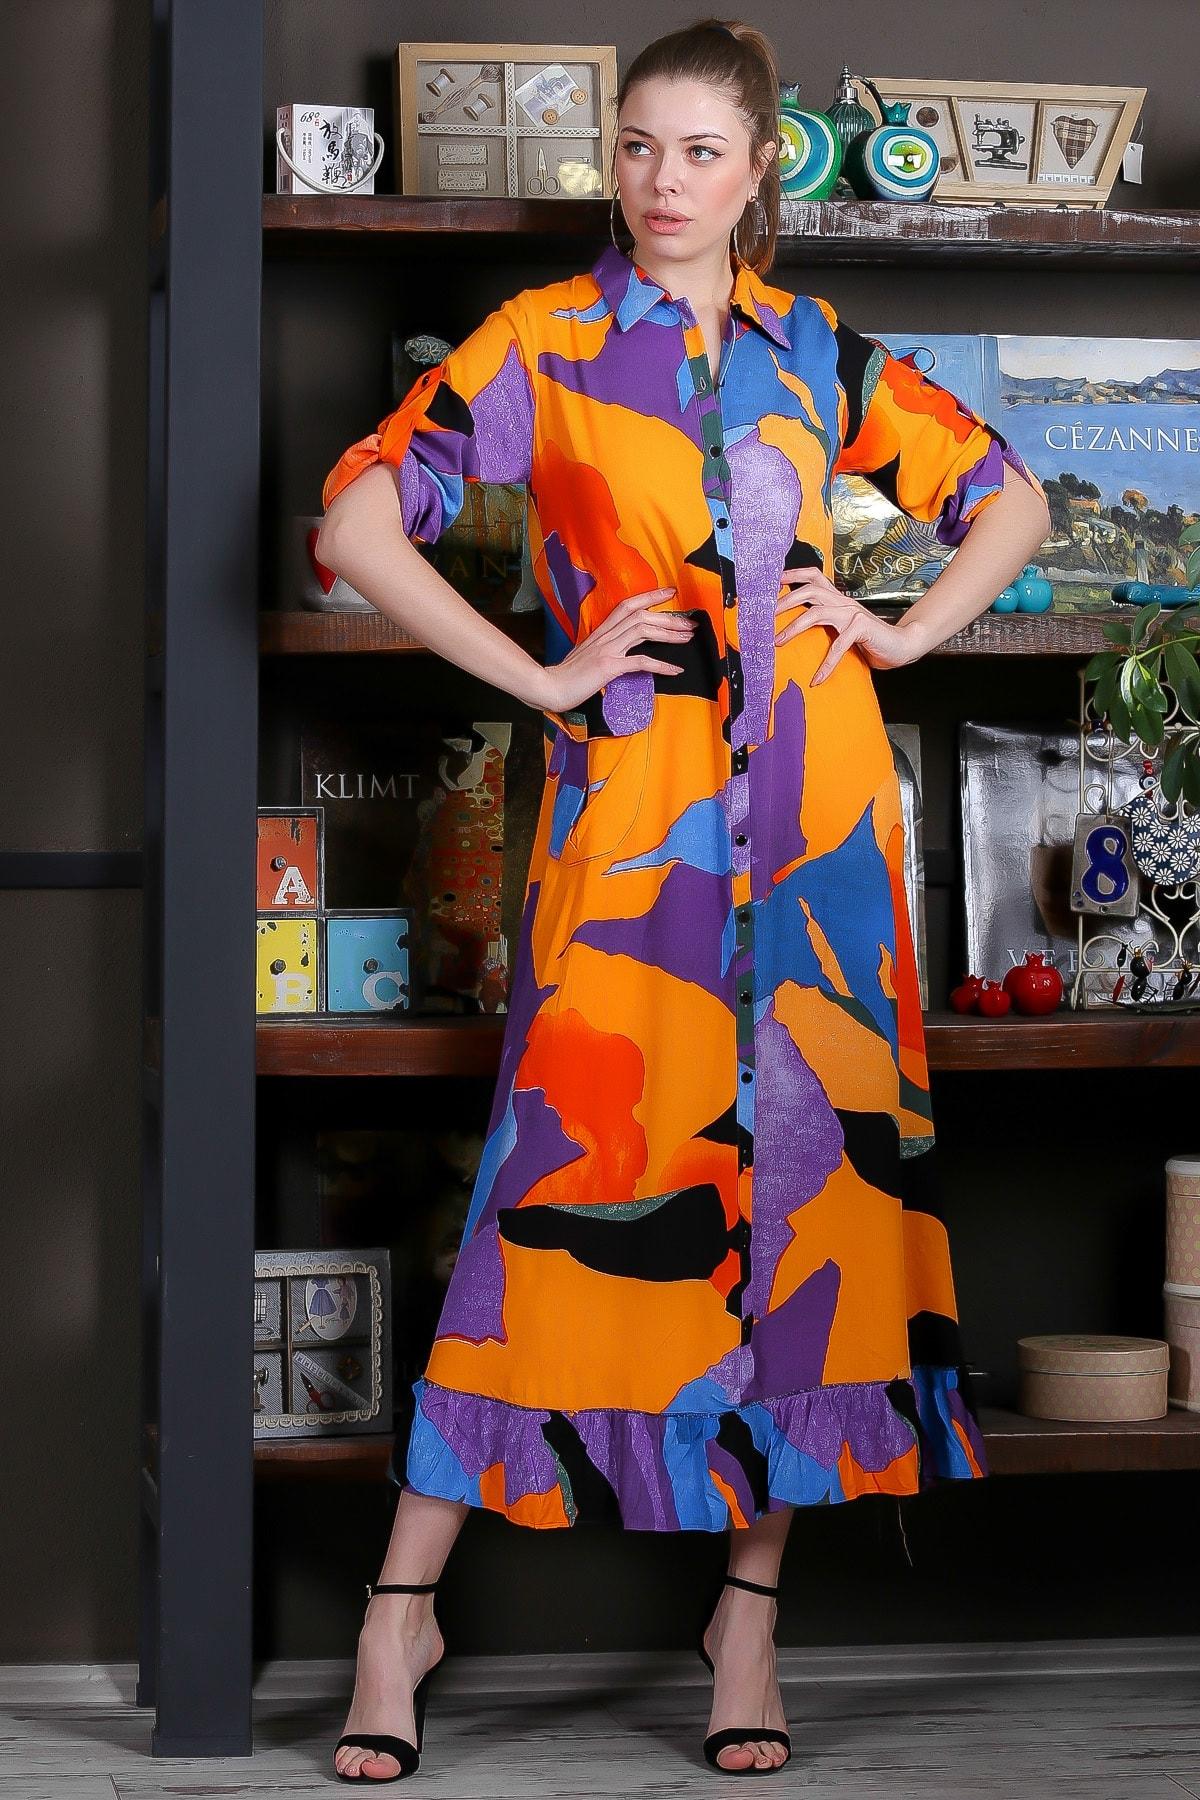 Chiccy Kadın Turuncu-Mavi Kübist Desen Düğme Detaylı Etek Ucu Fırfırlı Uzun Gömlek Elbise M10160000EL95462 1